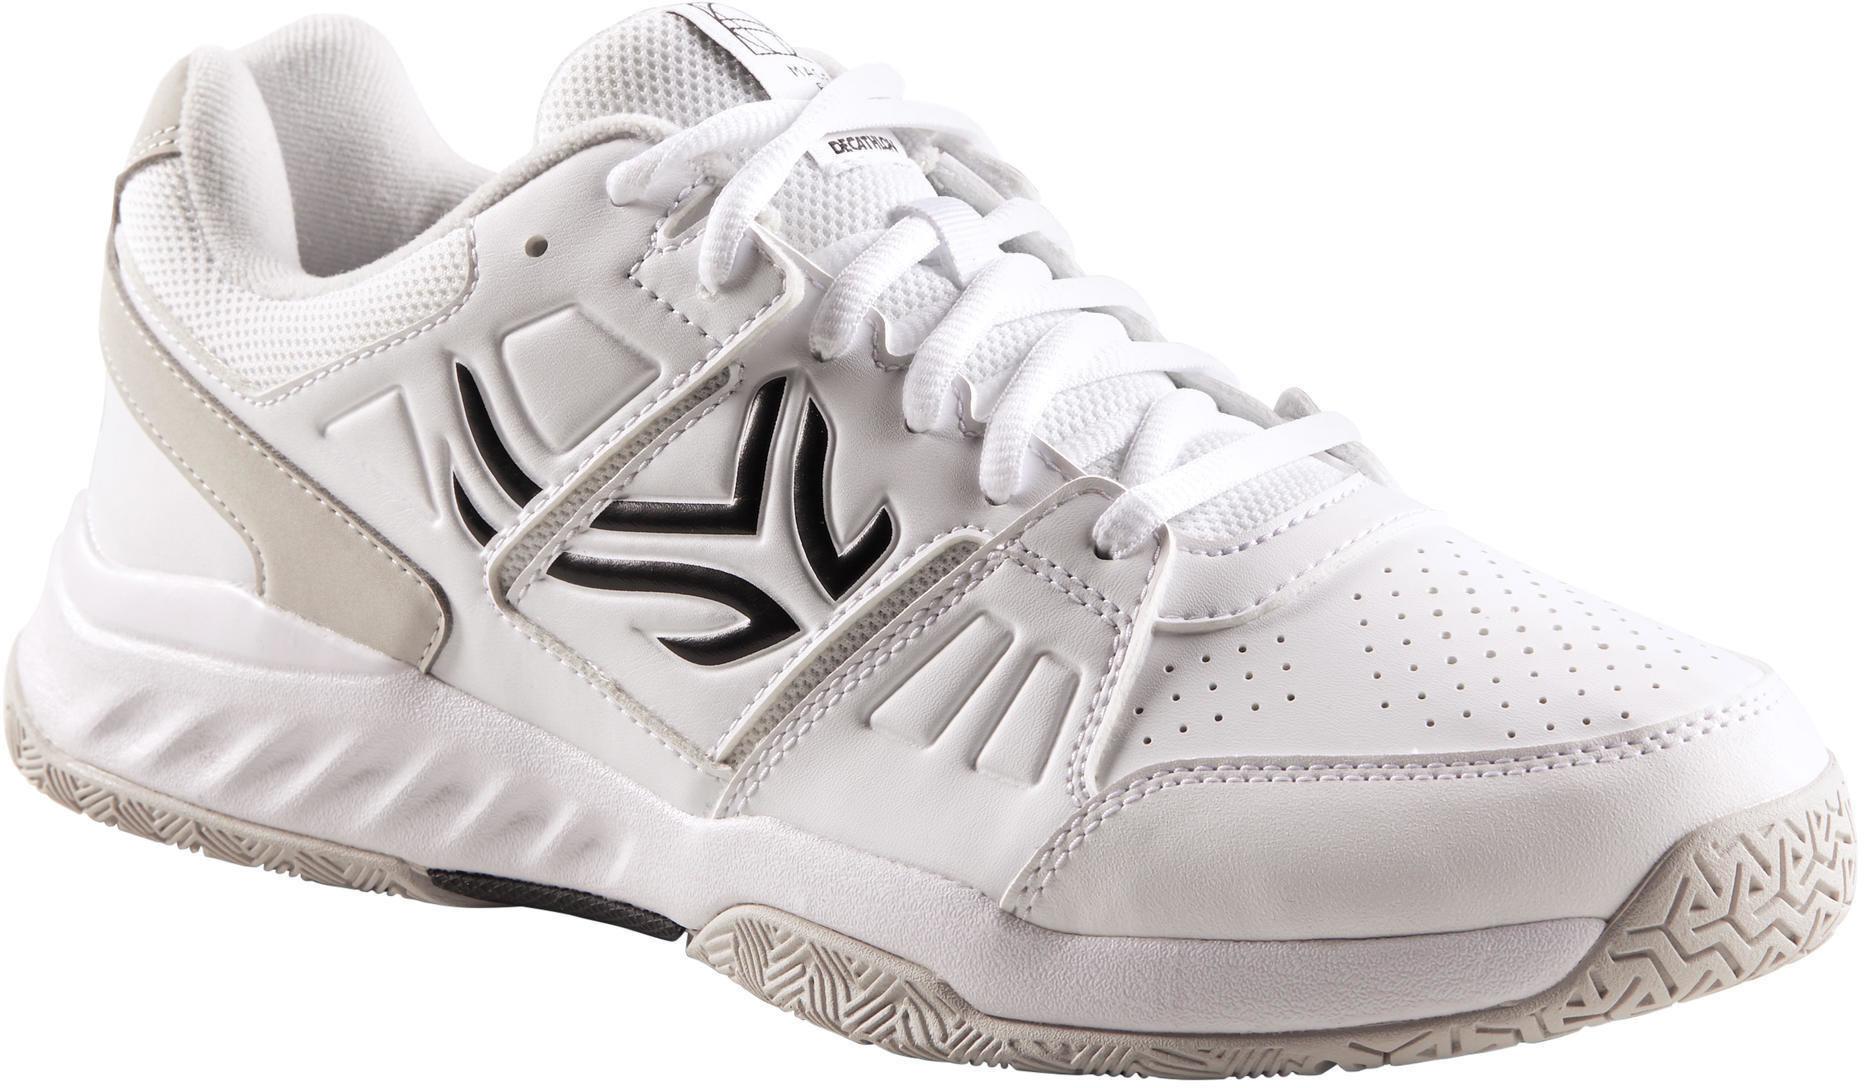 Buty tenisowe TS160 męskie na każdą nawierzchnię